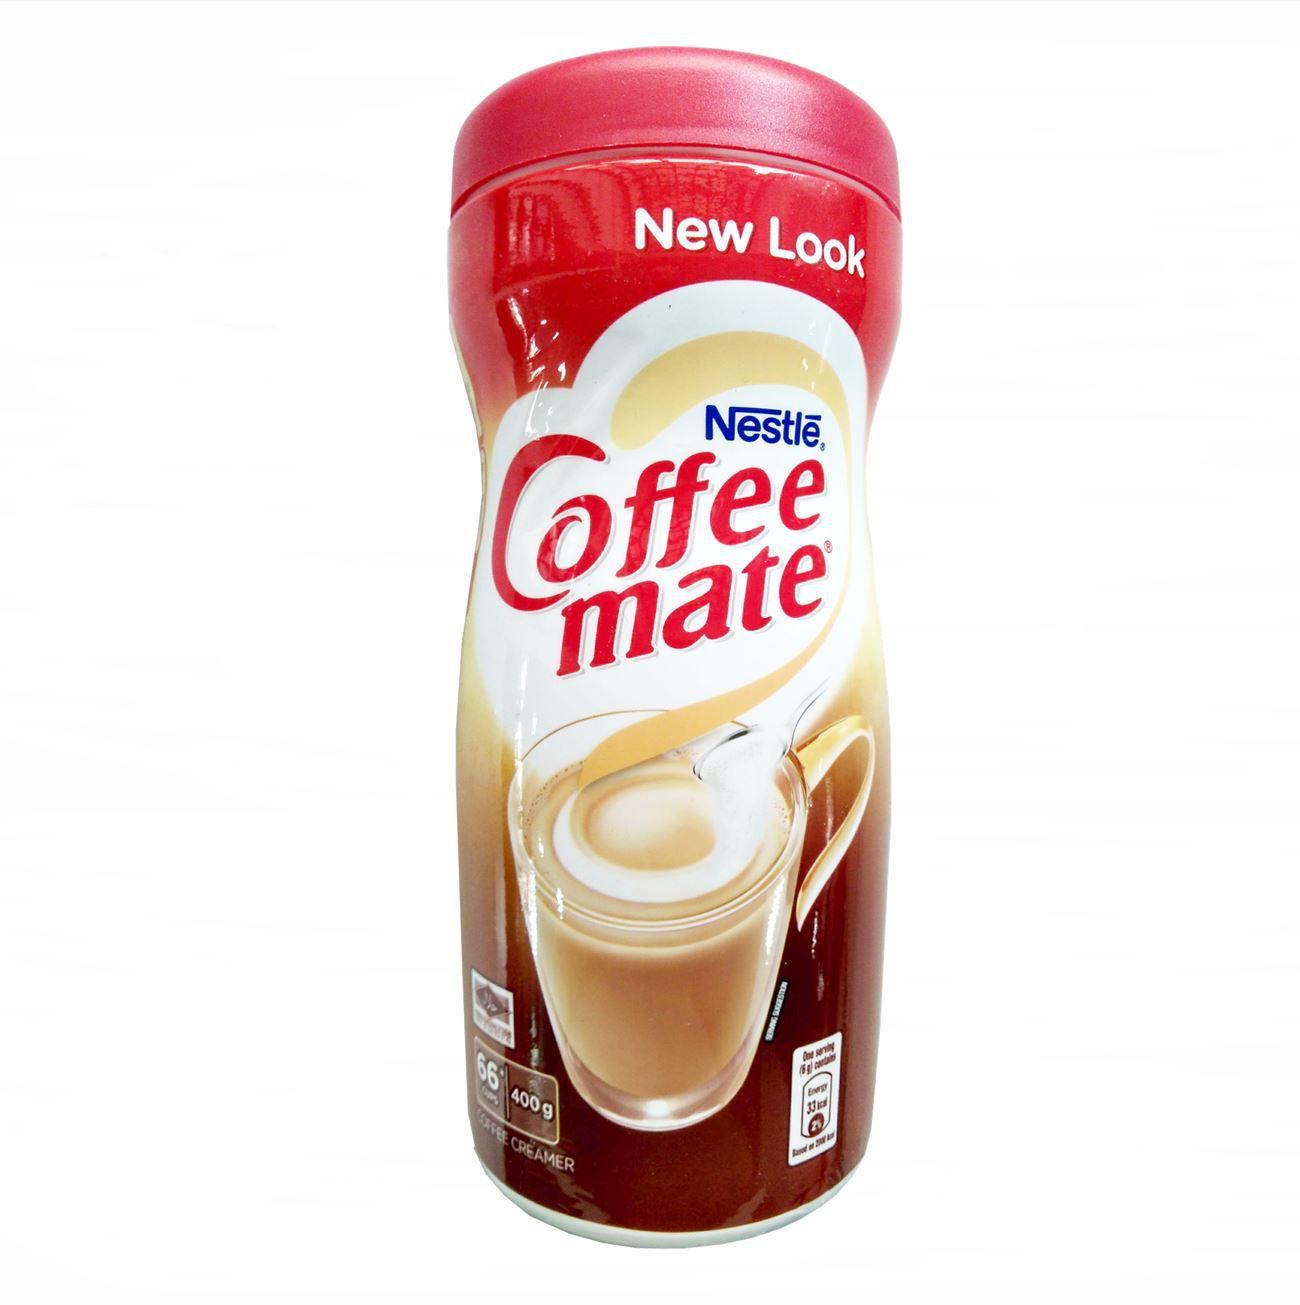 Coffee Mate Nestlé 400g - The Original 2019